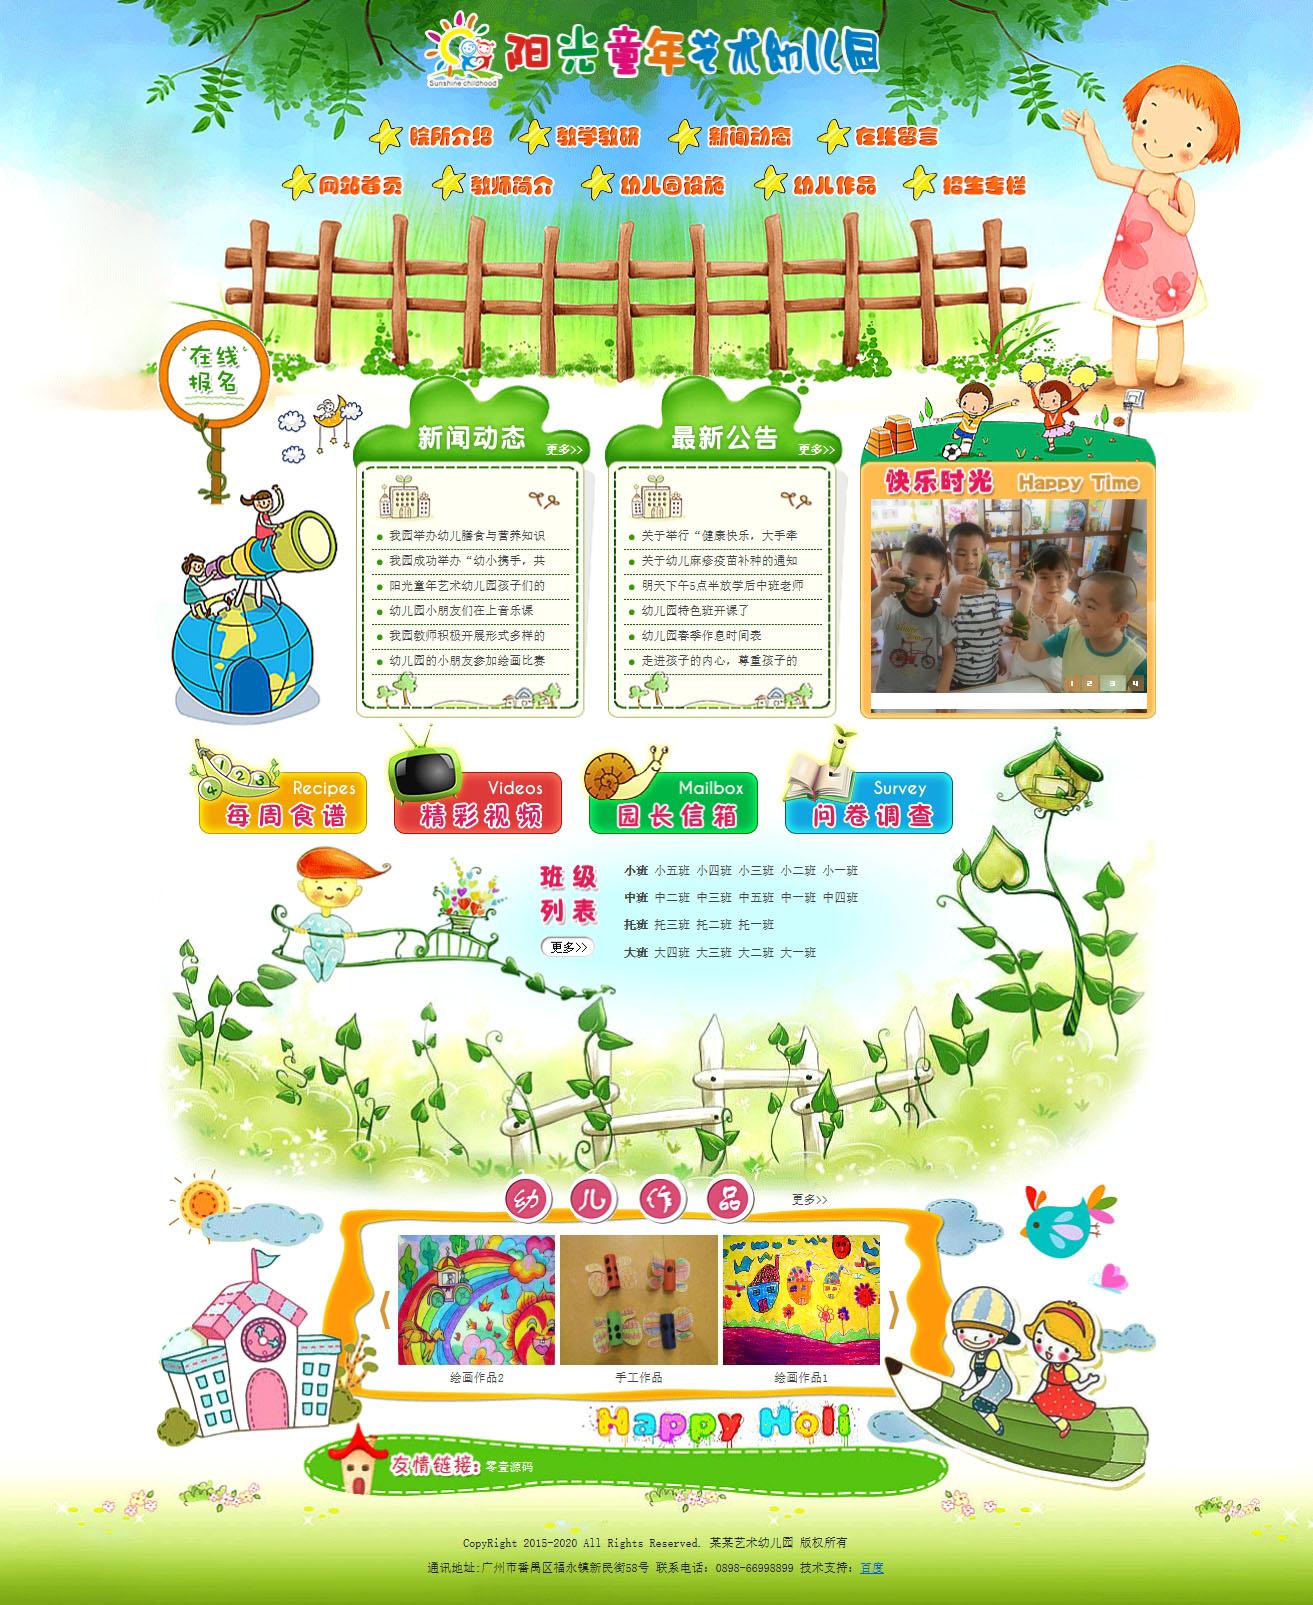 绿色幼儿园学校培训班网站织梦dedecms模板(带手机端)